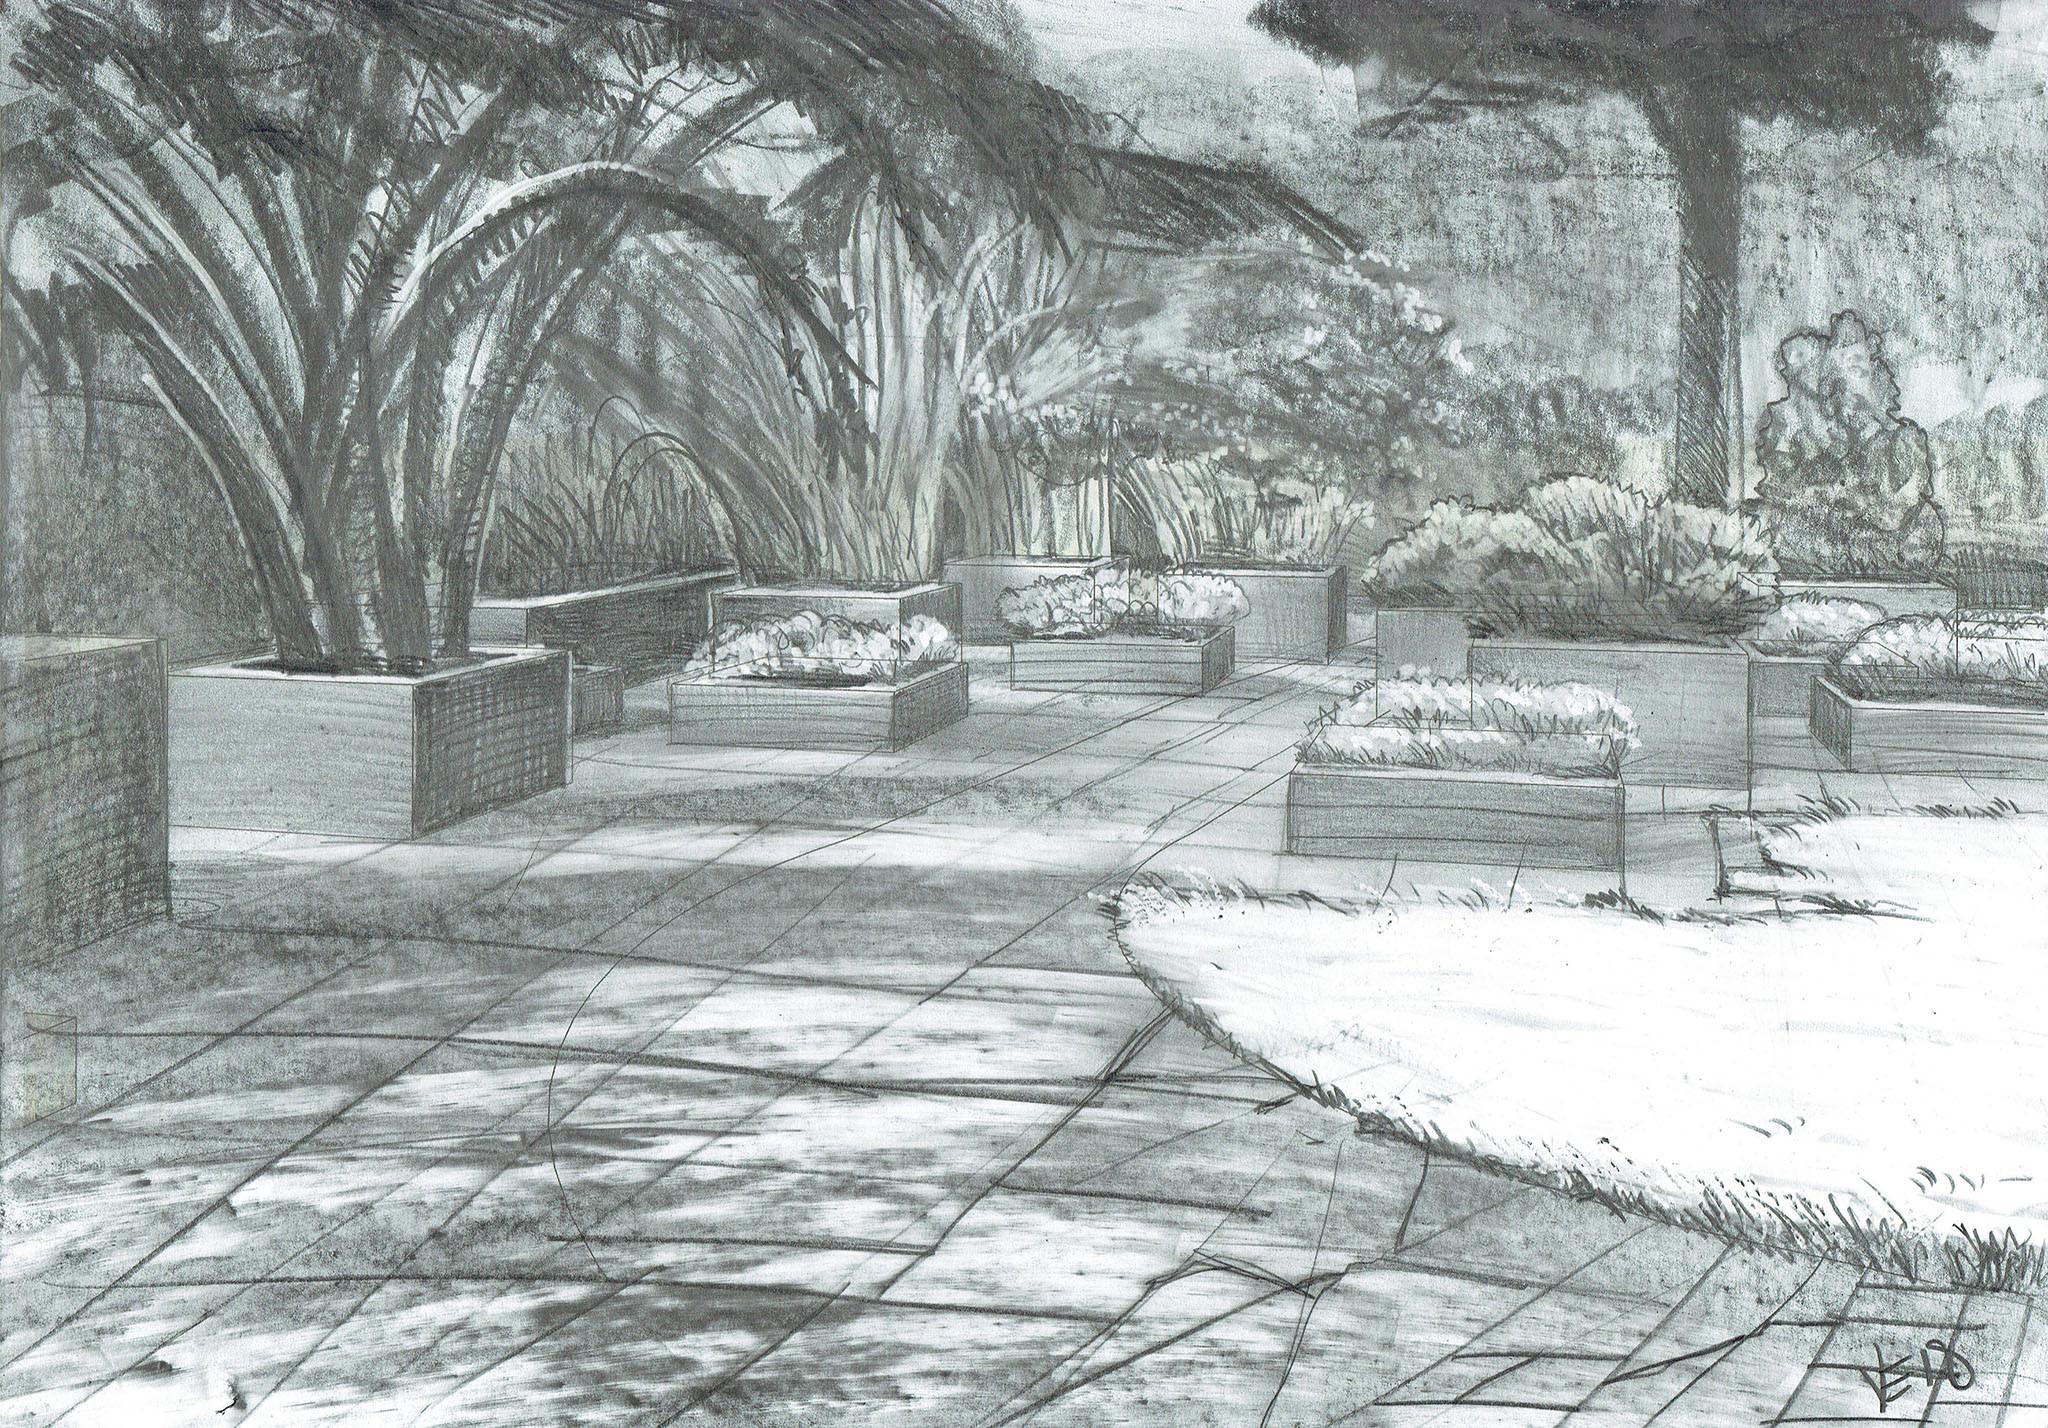 De Ontwerpwerkplaats, Gijs Niemeijer, Floor van Ditzhuyzen, Spannende Stadstuin , ontwerp tuin, ontwerp stadstuin, tuinontwerp, victor et flor, ontwerp stadstuin, design urban garden, garden design, tuinontwerp, ontwerp tuin, architectural visuals, victor et flor, victor elberse, visuals by victor, floor van ditzhuyzen